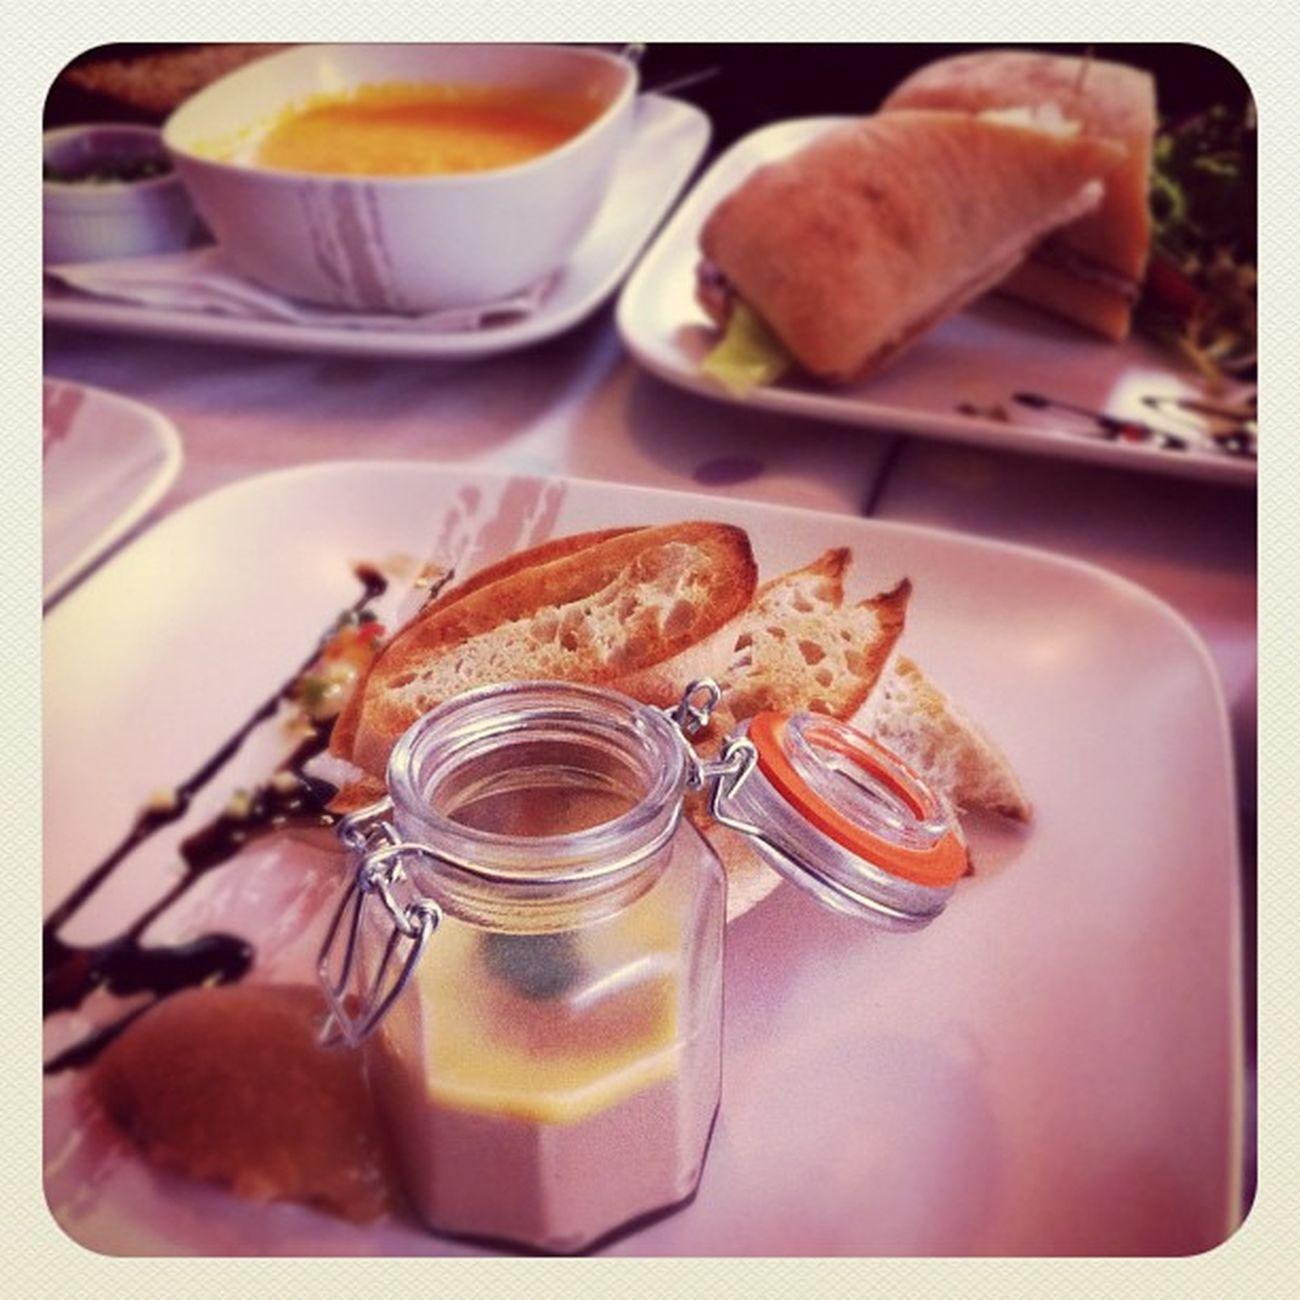 One shot from New breakfast spot in Swords ? #foodspotting #earlybirove #jj_forum #jj #pate #breakfast #ireland #swords #food ?? Breakfast Food Ireland Swords Foodspotting Jj  Jj_forum Pate Earlybirove